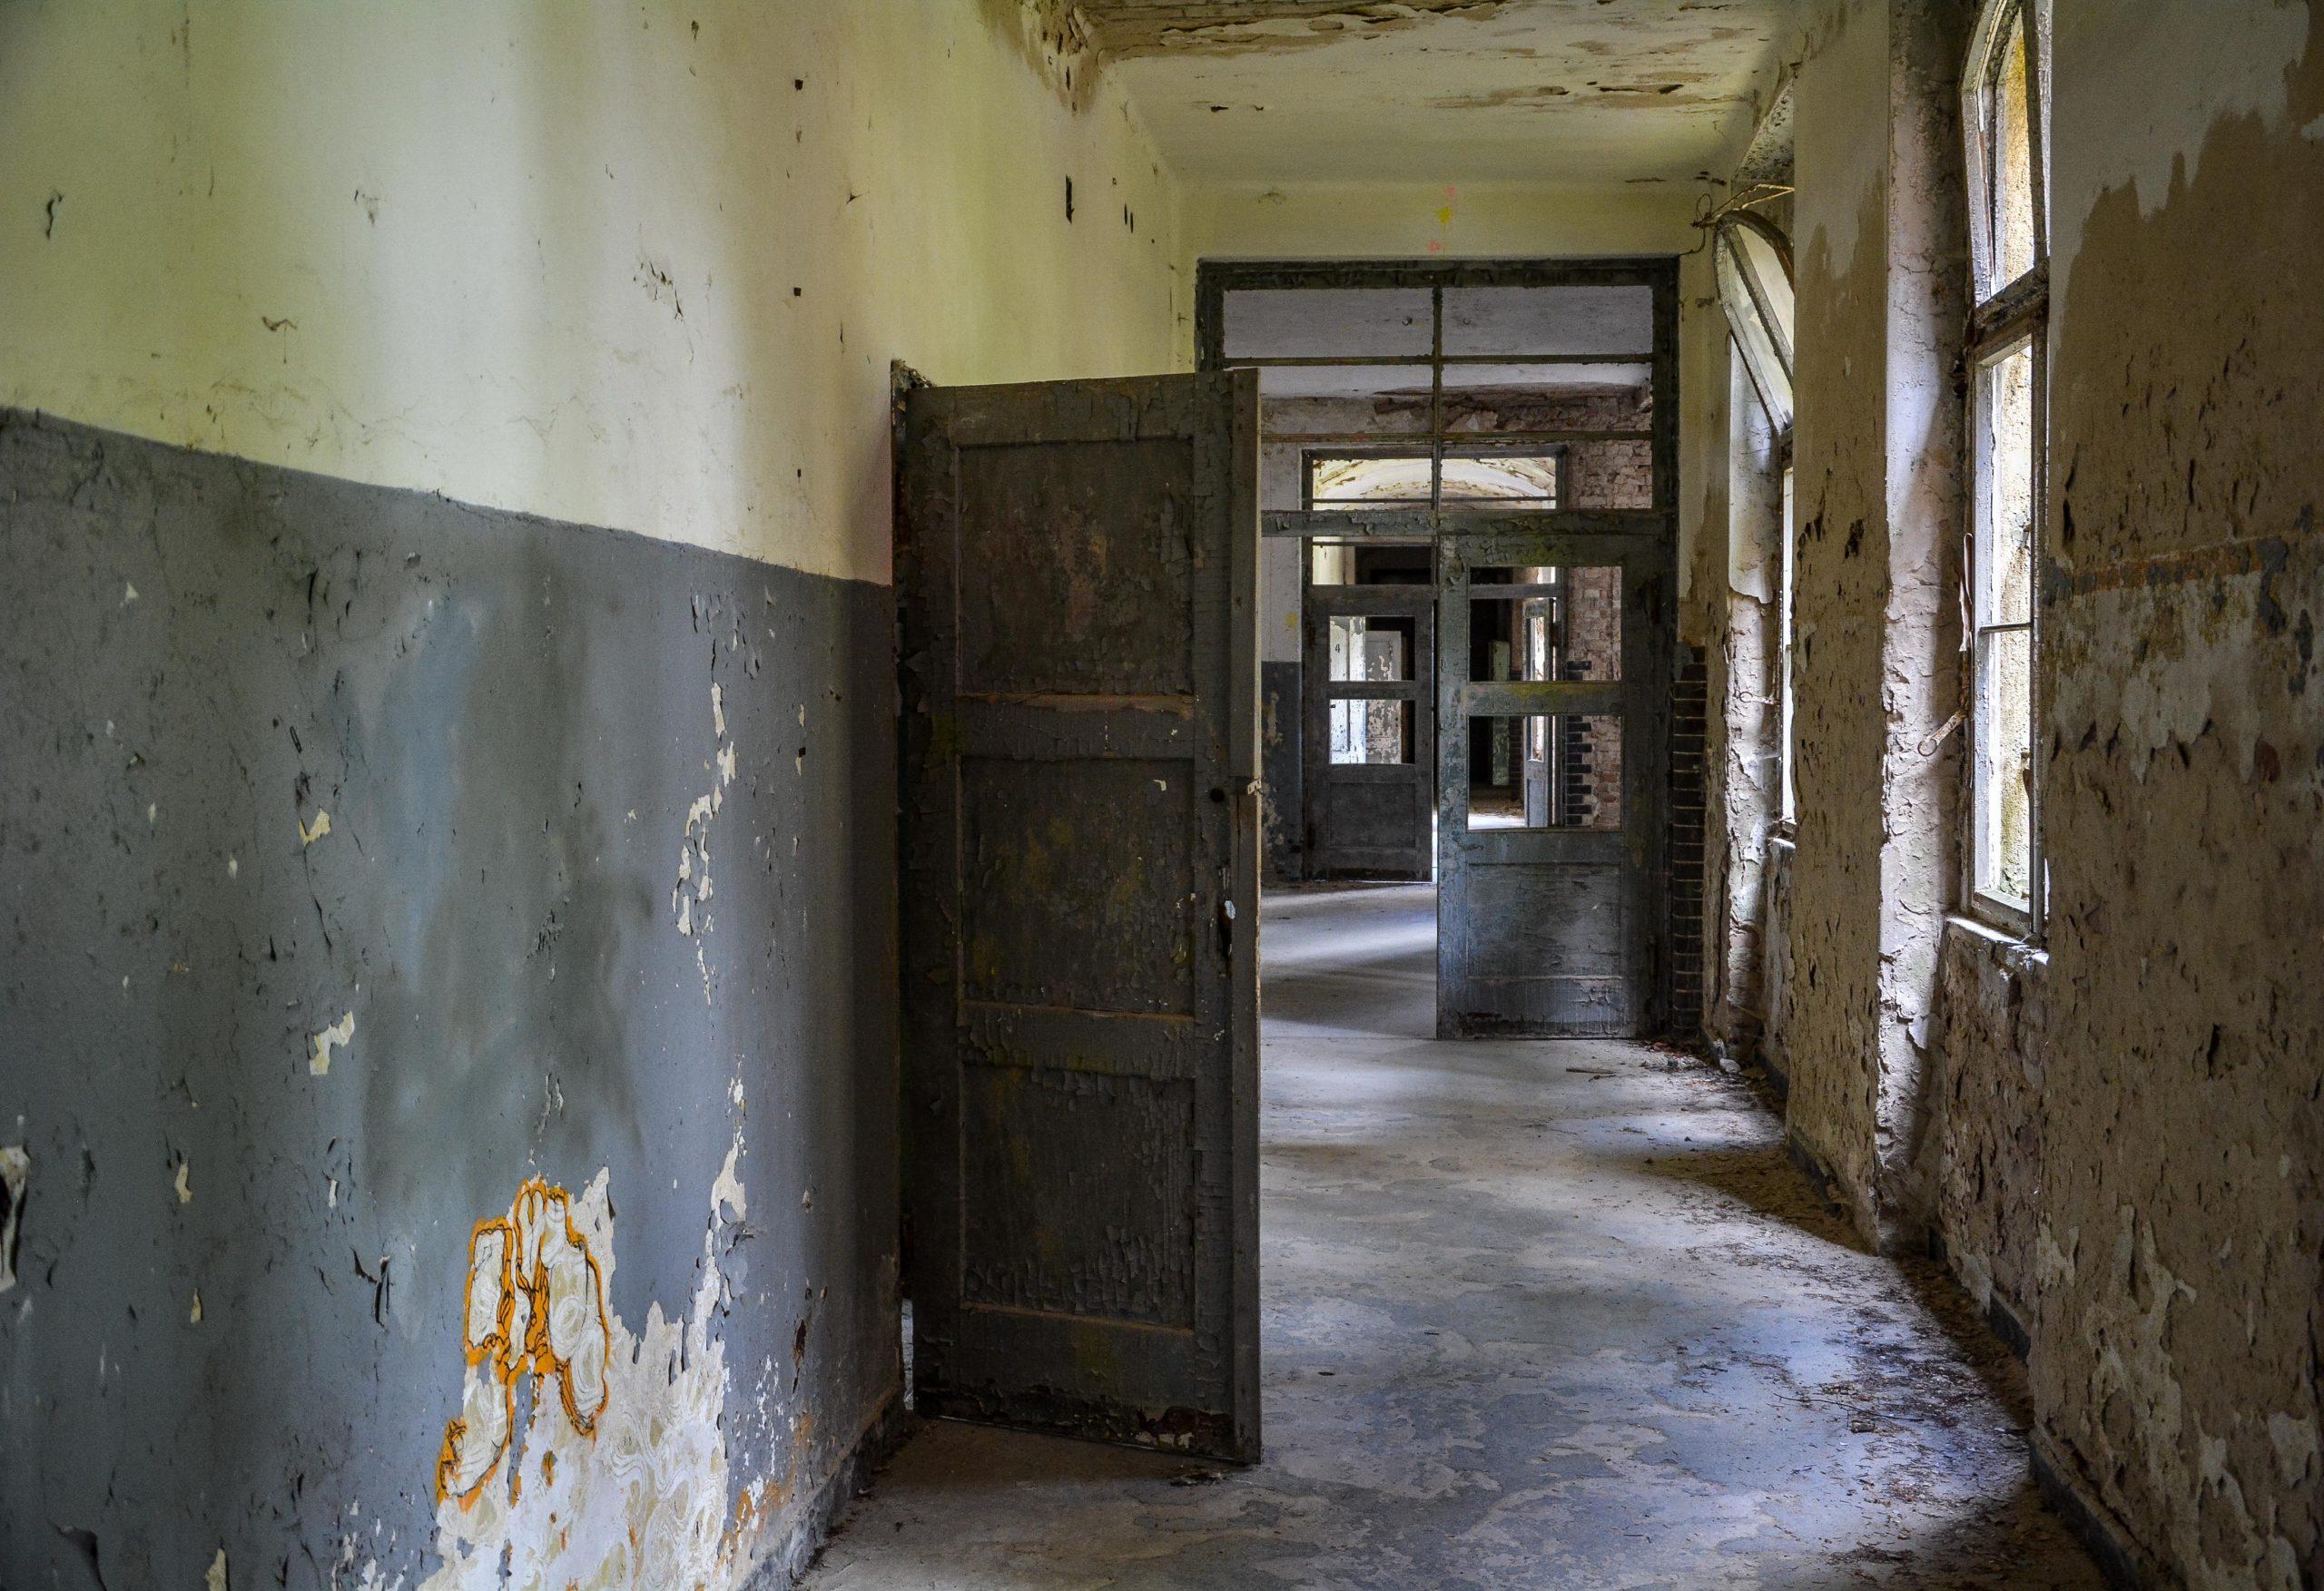 hallway doors sanatorium hospital tuberkulose heilstaette grabowsee sanatorium oranienburg lost places abandoned urbex brandenburg germany deutschland